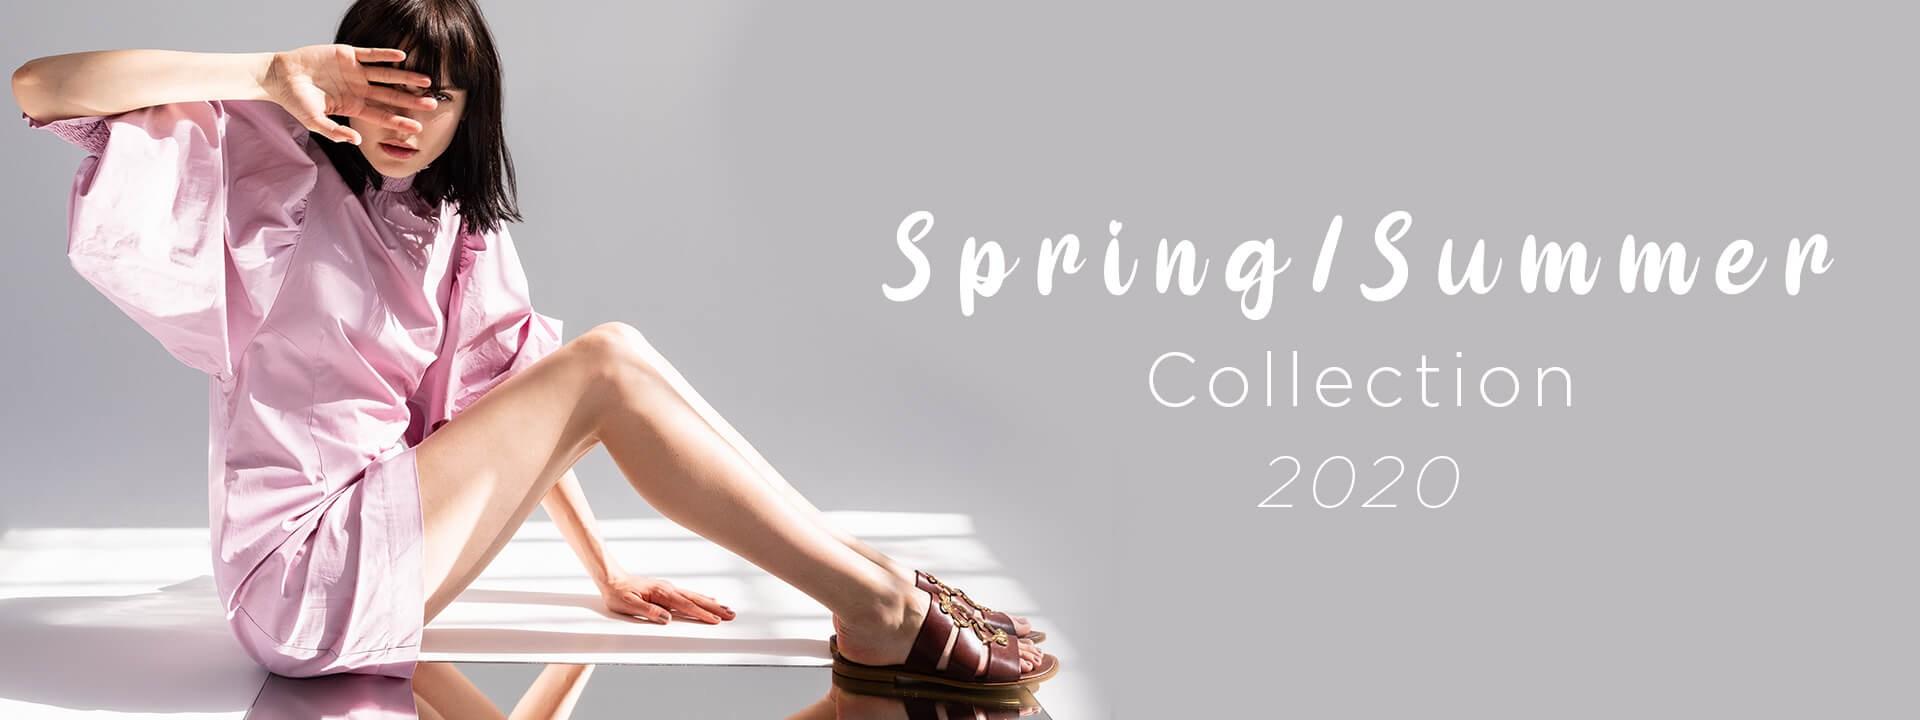 Spring / Summer 2020